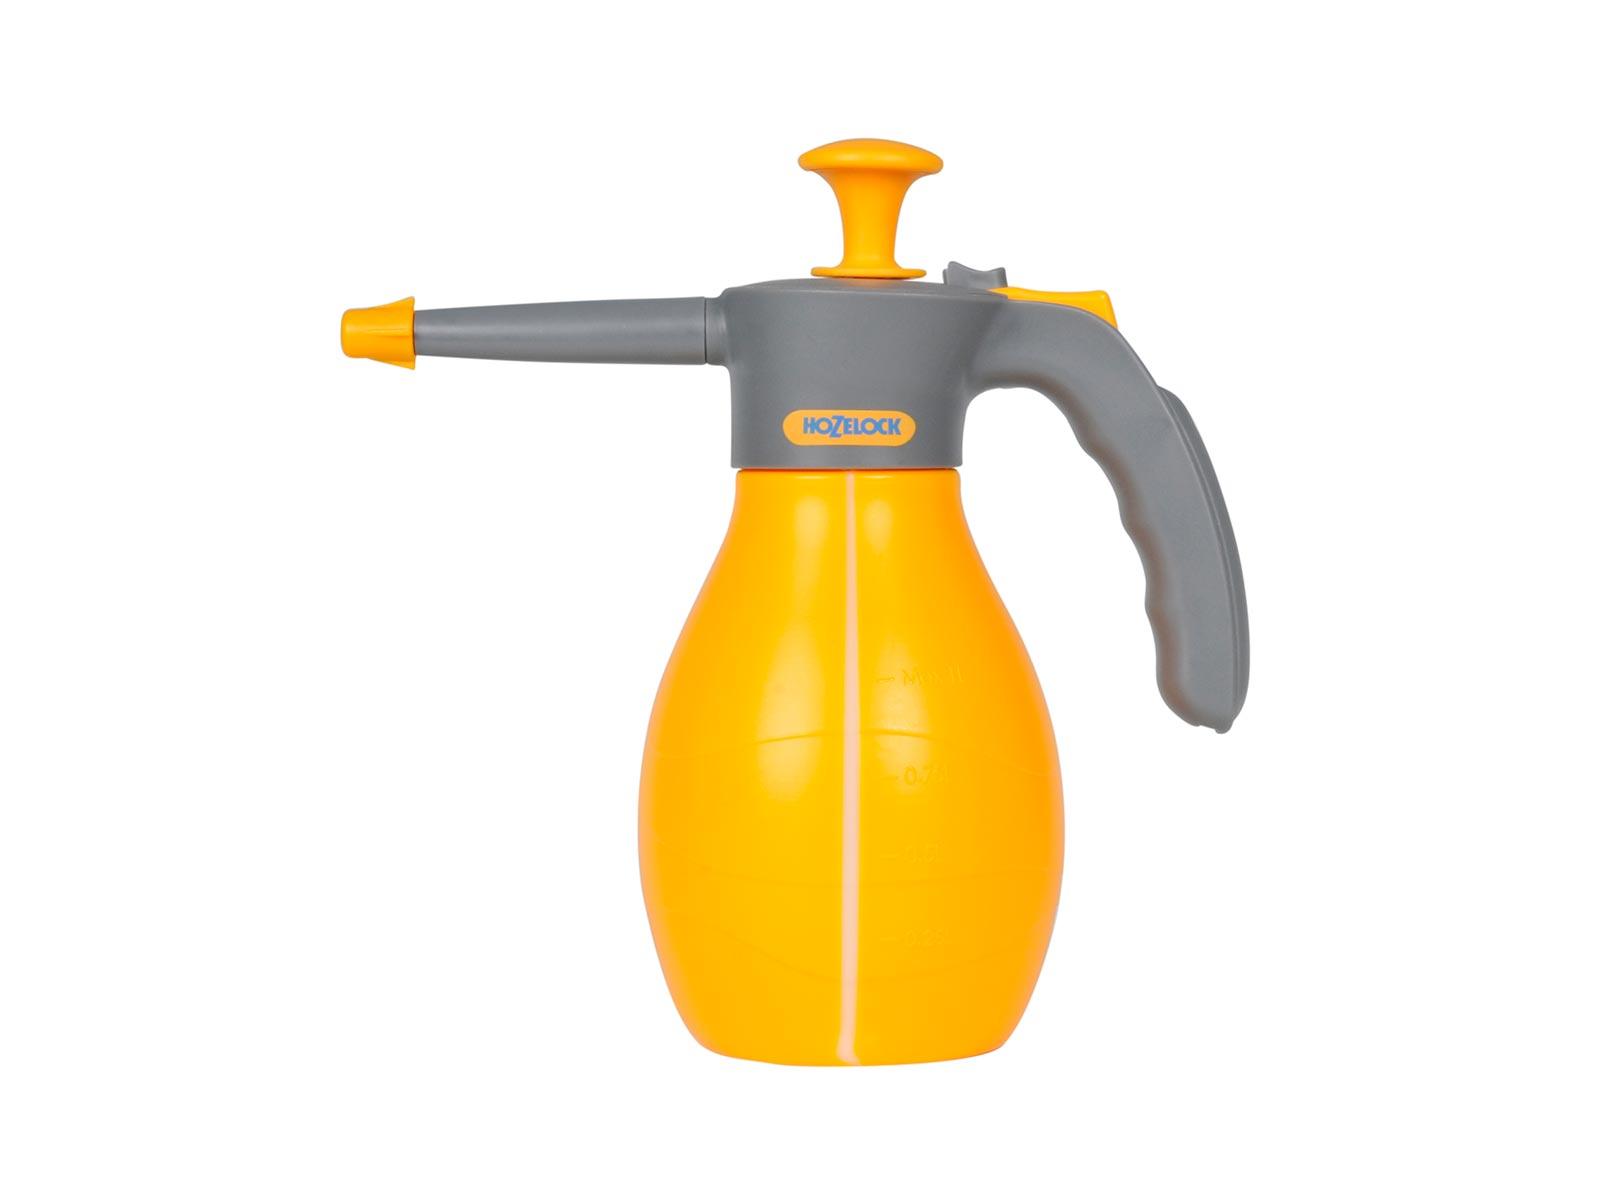 Опрыскиватель садовый Hozelock 4124 напорный, 1 л, желтый, серый